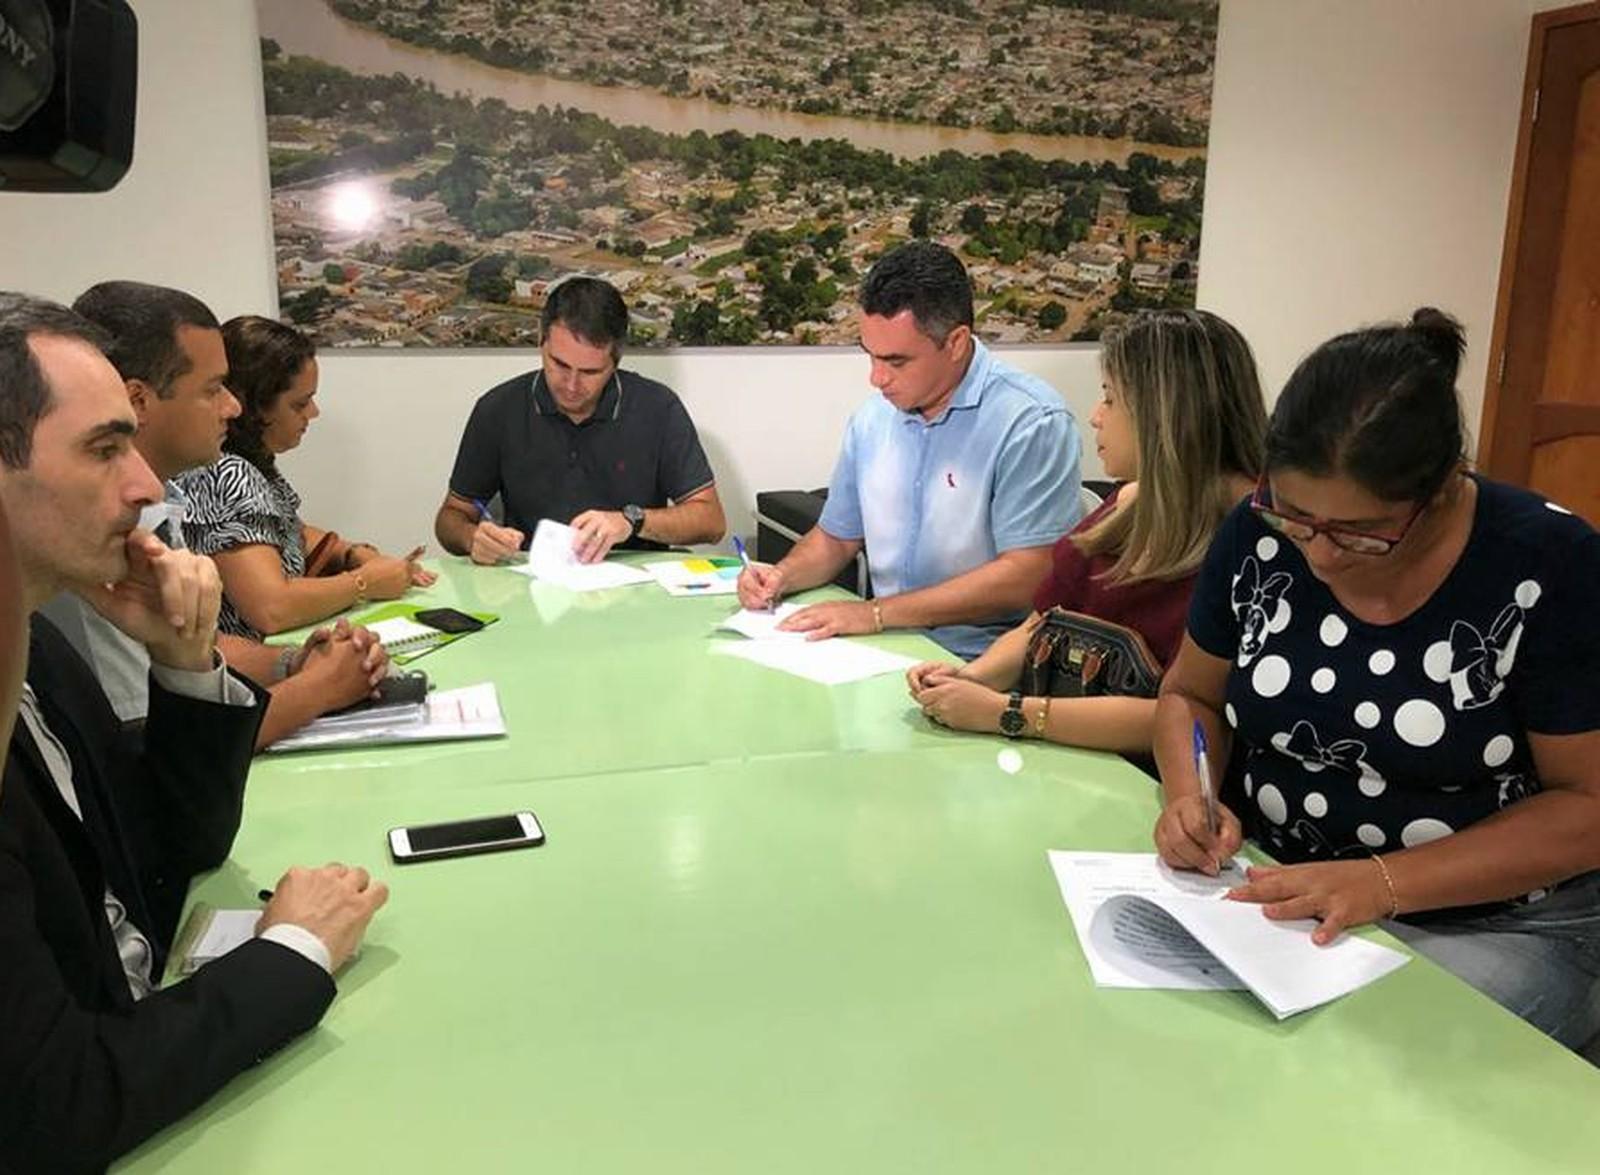 Termo de cooperação entre municípios foi assinado na quarta (28) (Foto: Assis Lima/Asscom )